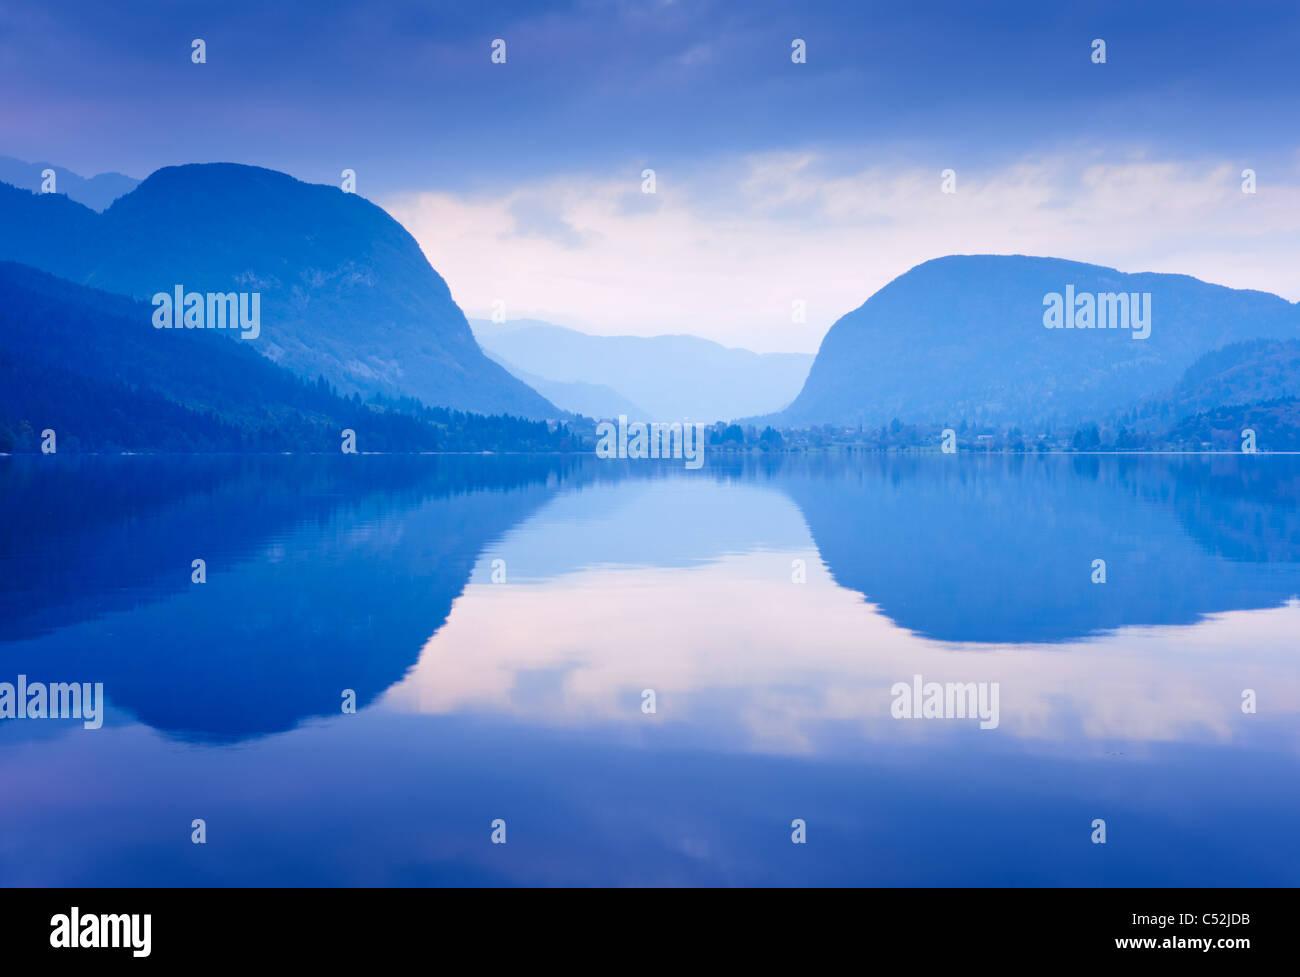 Montagne blu riflessa in acqua di lago. Il lago di Bohinj, Slovenia. Immagini Stock